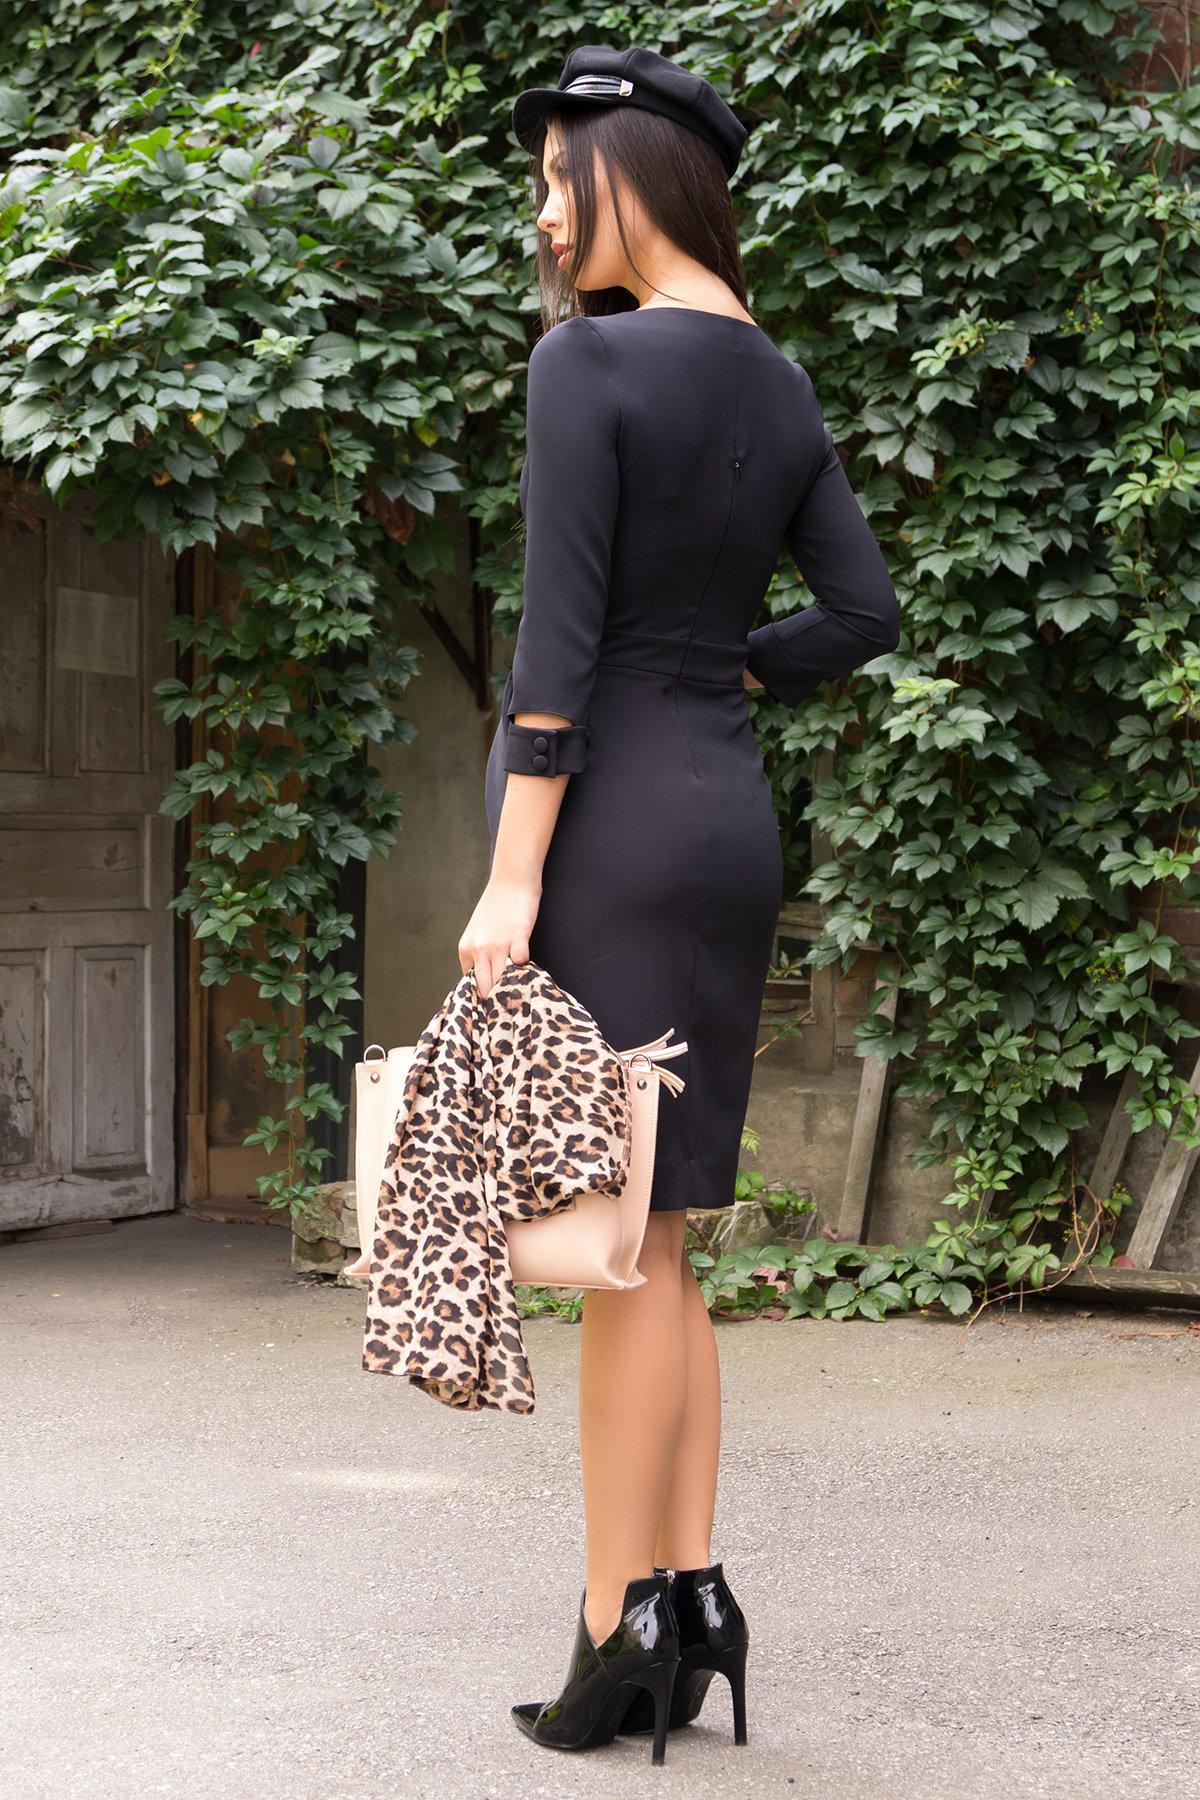 Платье-футляр Прованс 7871 АРТ. 43768 Цвет: Черный - фото 3, интернет магазин tm-modus.ru